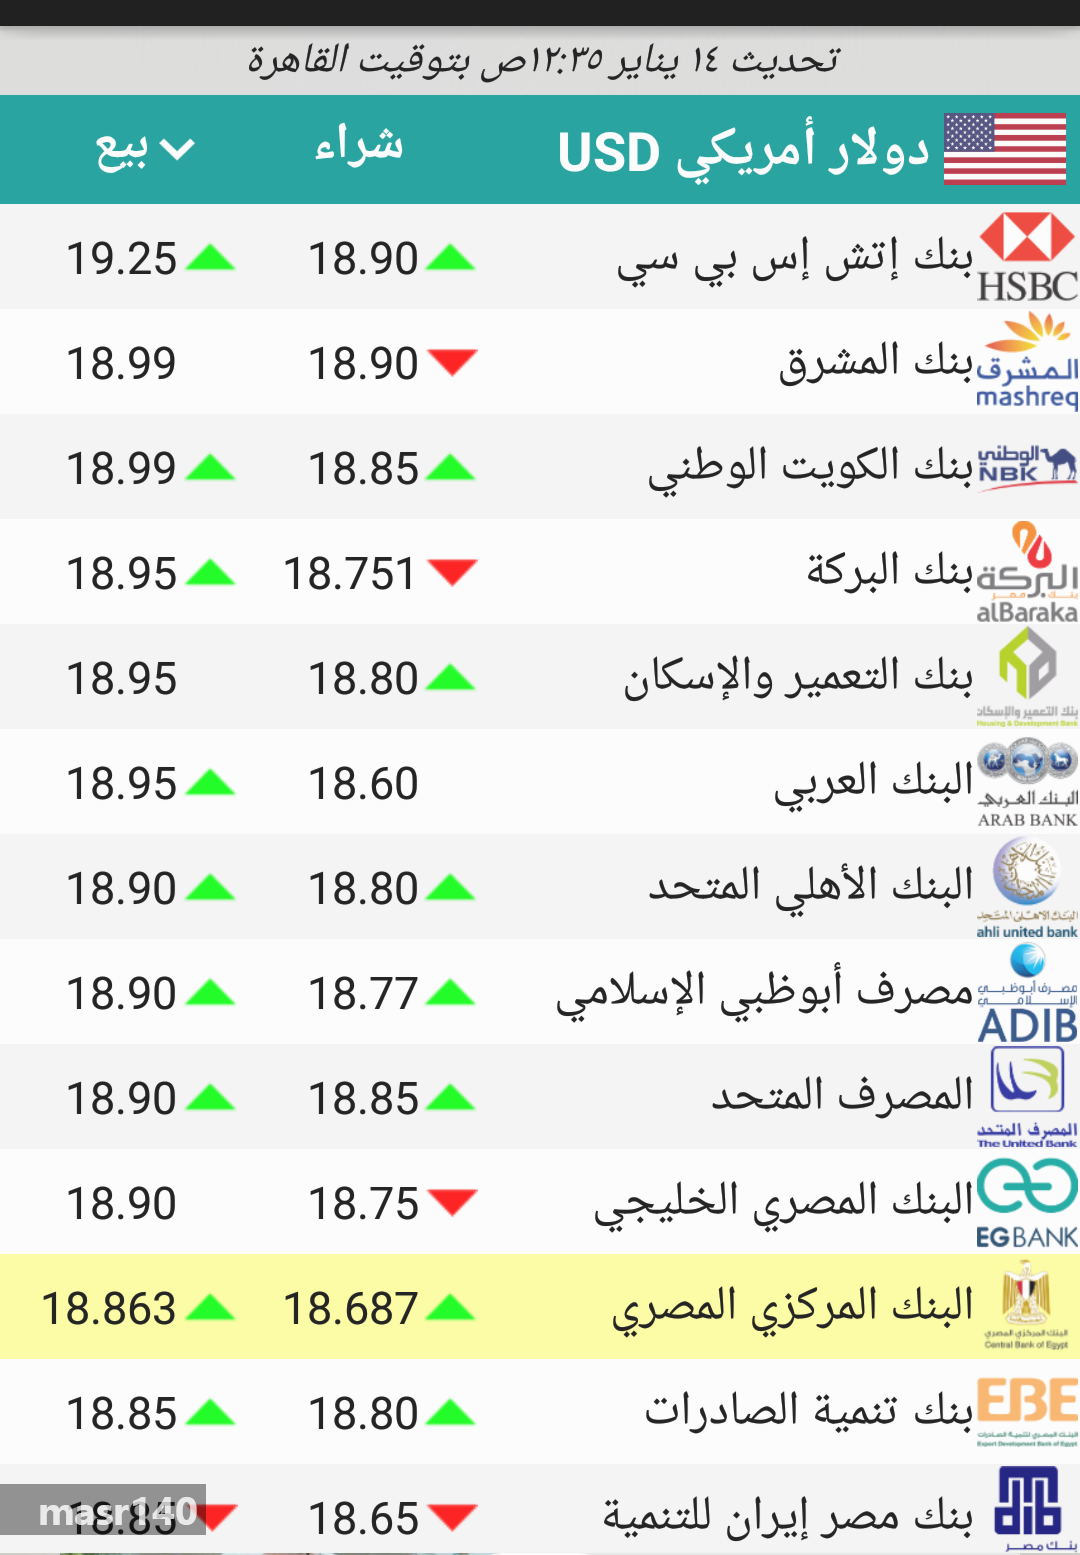 سعر الدولار اليوم السبت 14 1 2017 فى البنوك والسوق السوداء اسعار